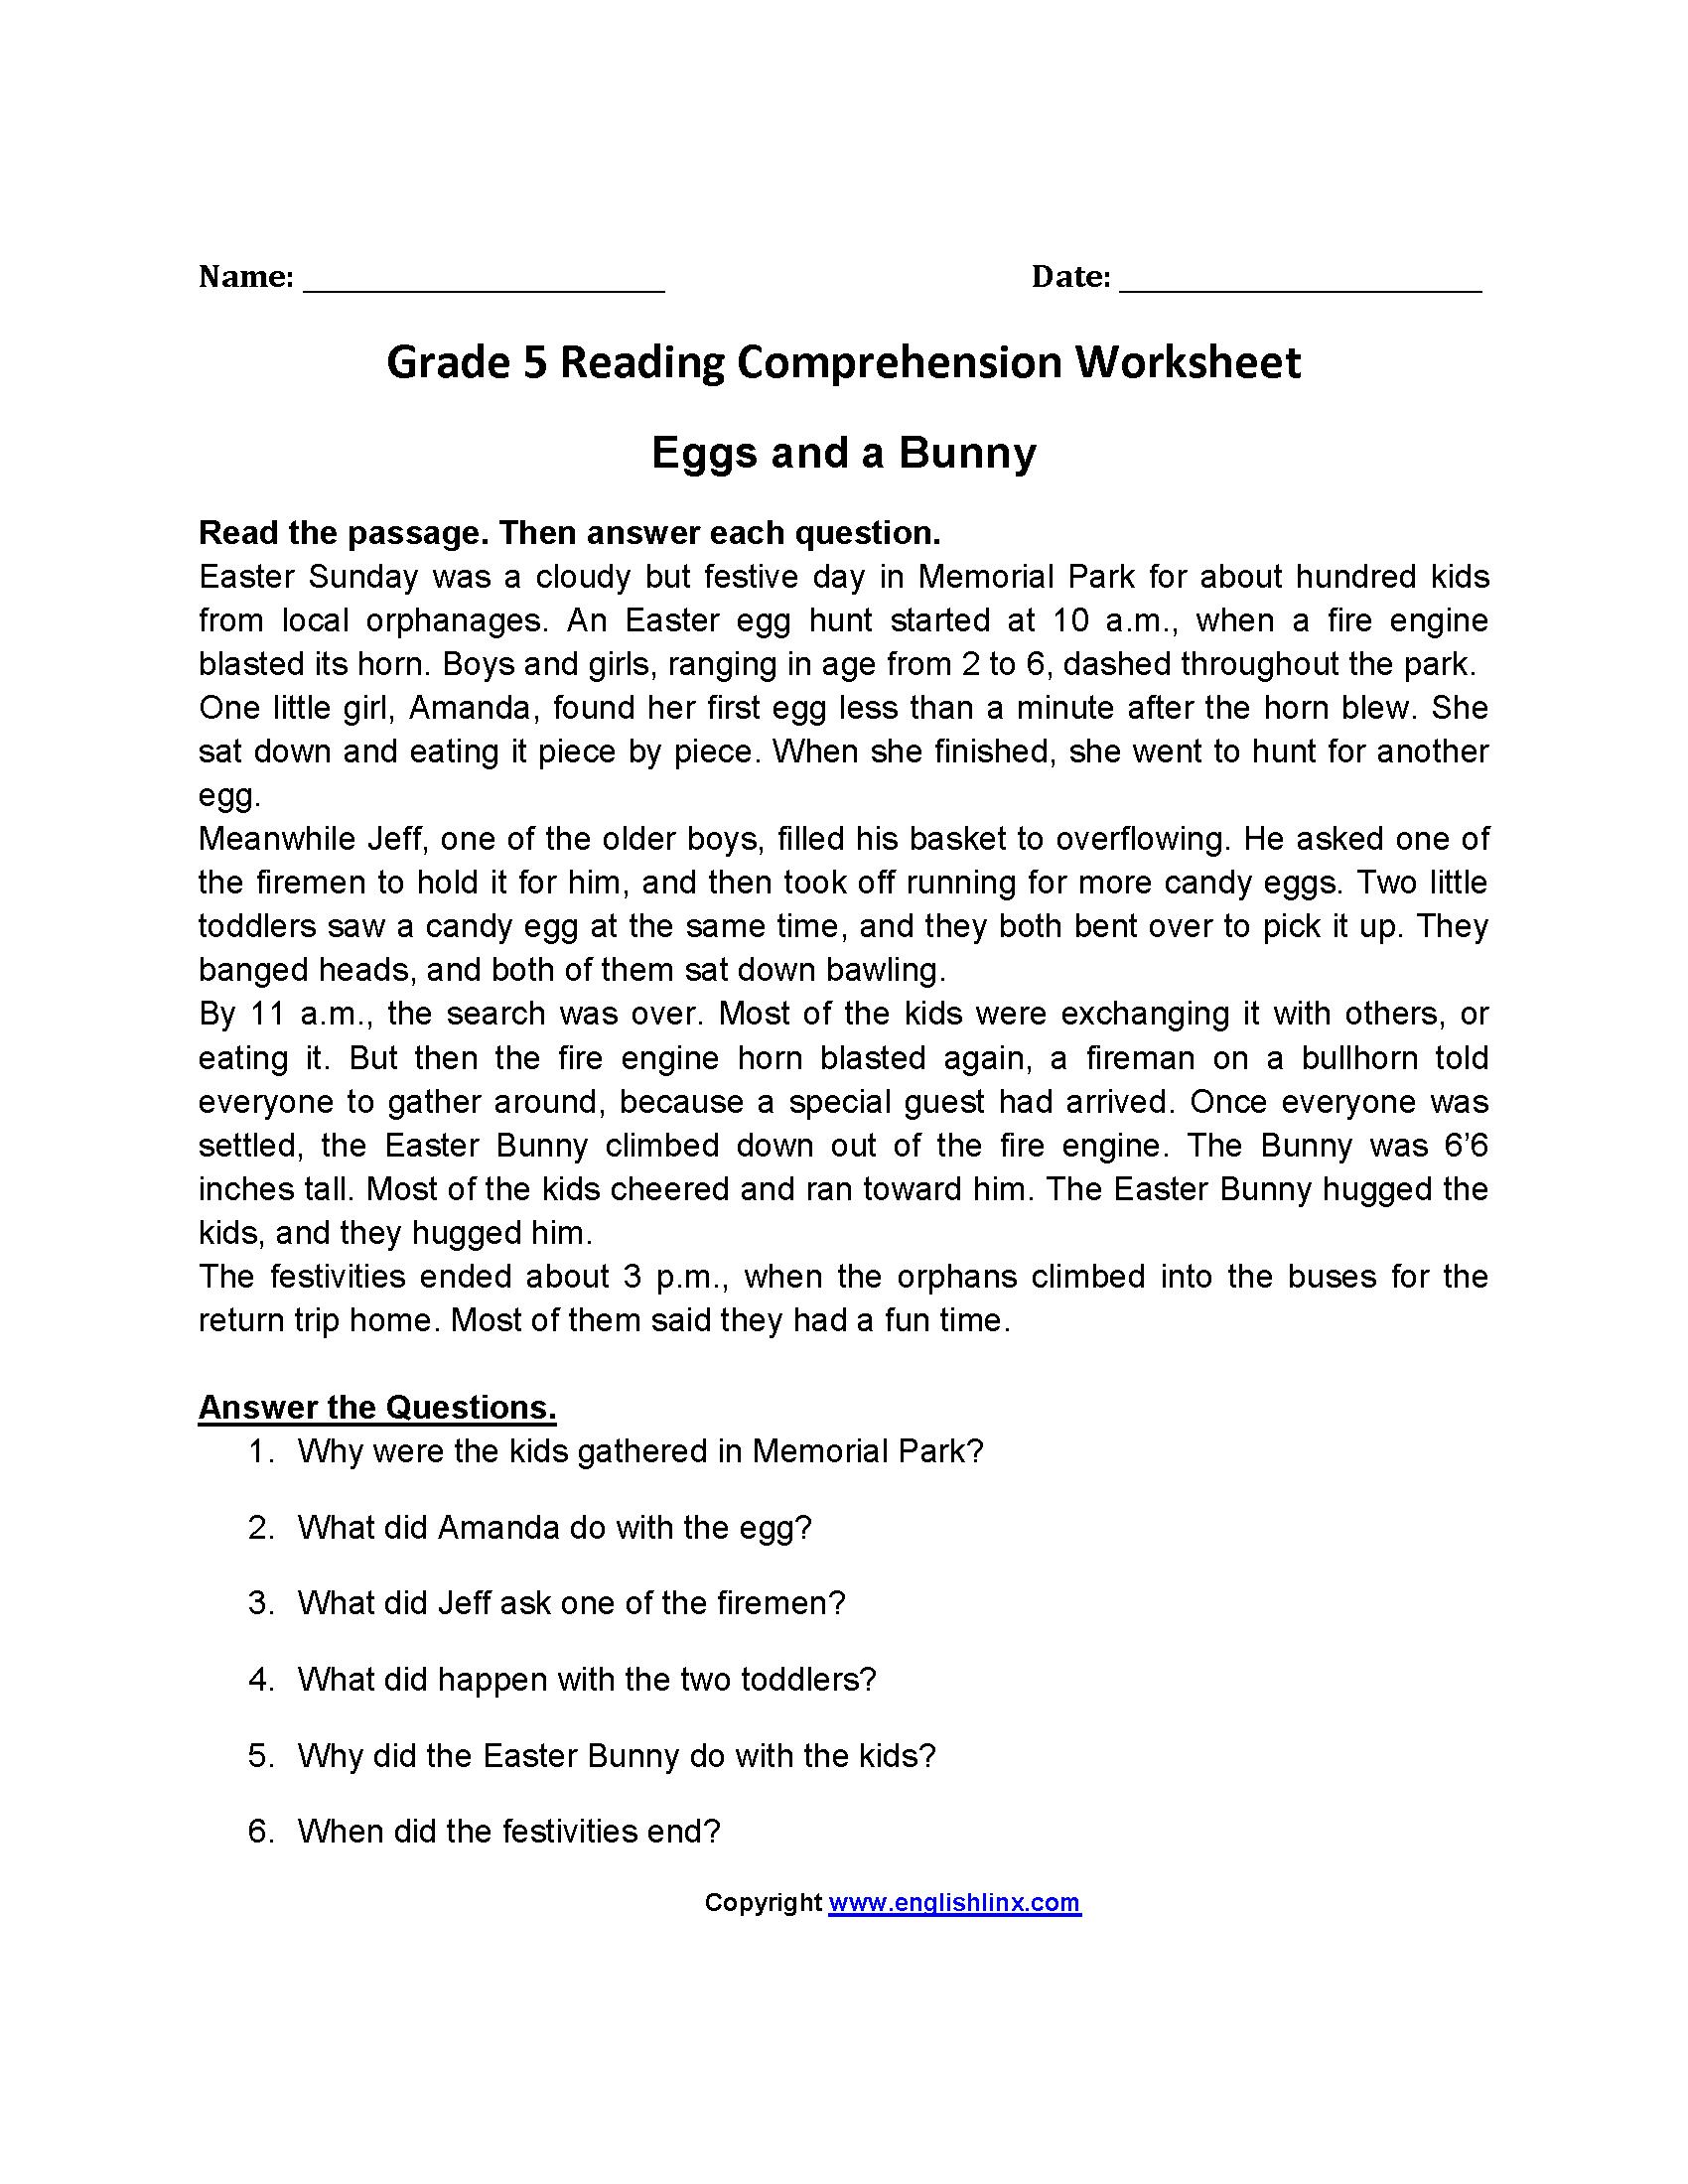 Reading Worksheets  Fifth Grade Reading Worksheets As Well As Reading Comprehension Worksheets 5Th Grade